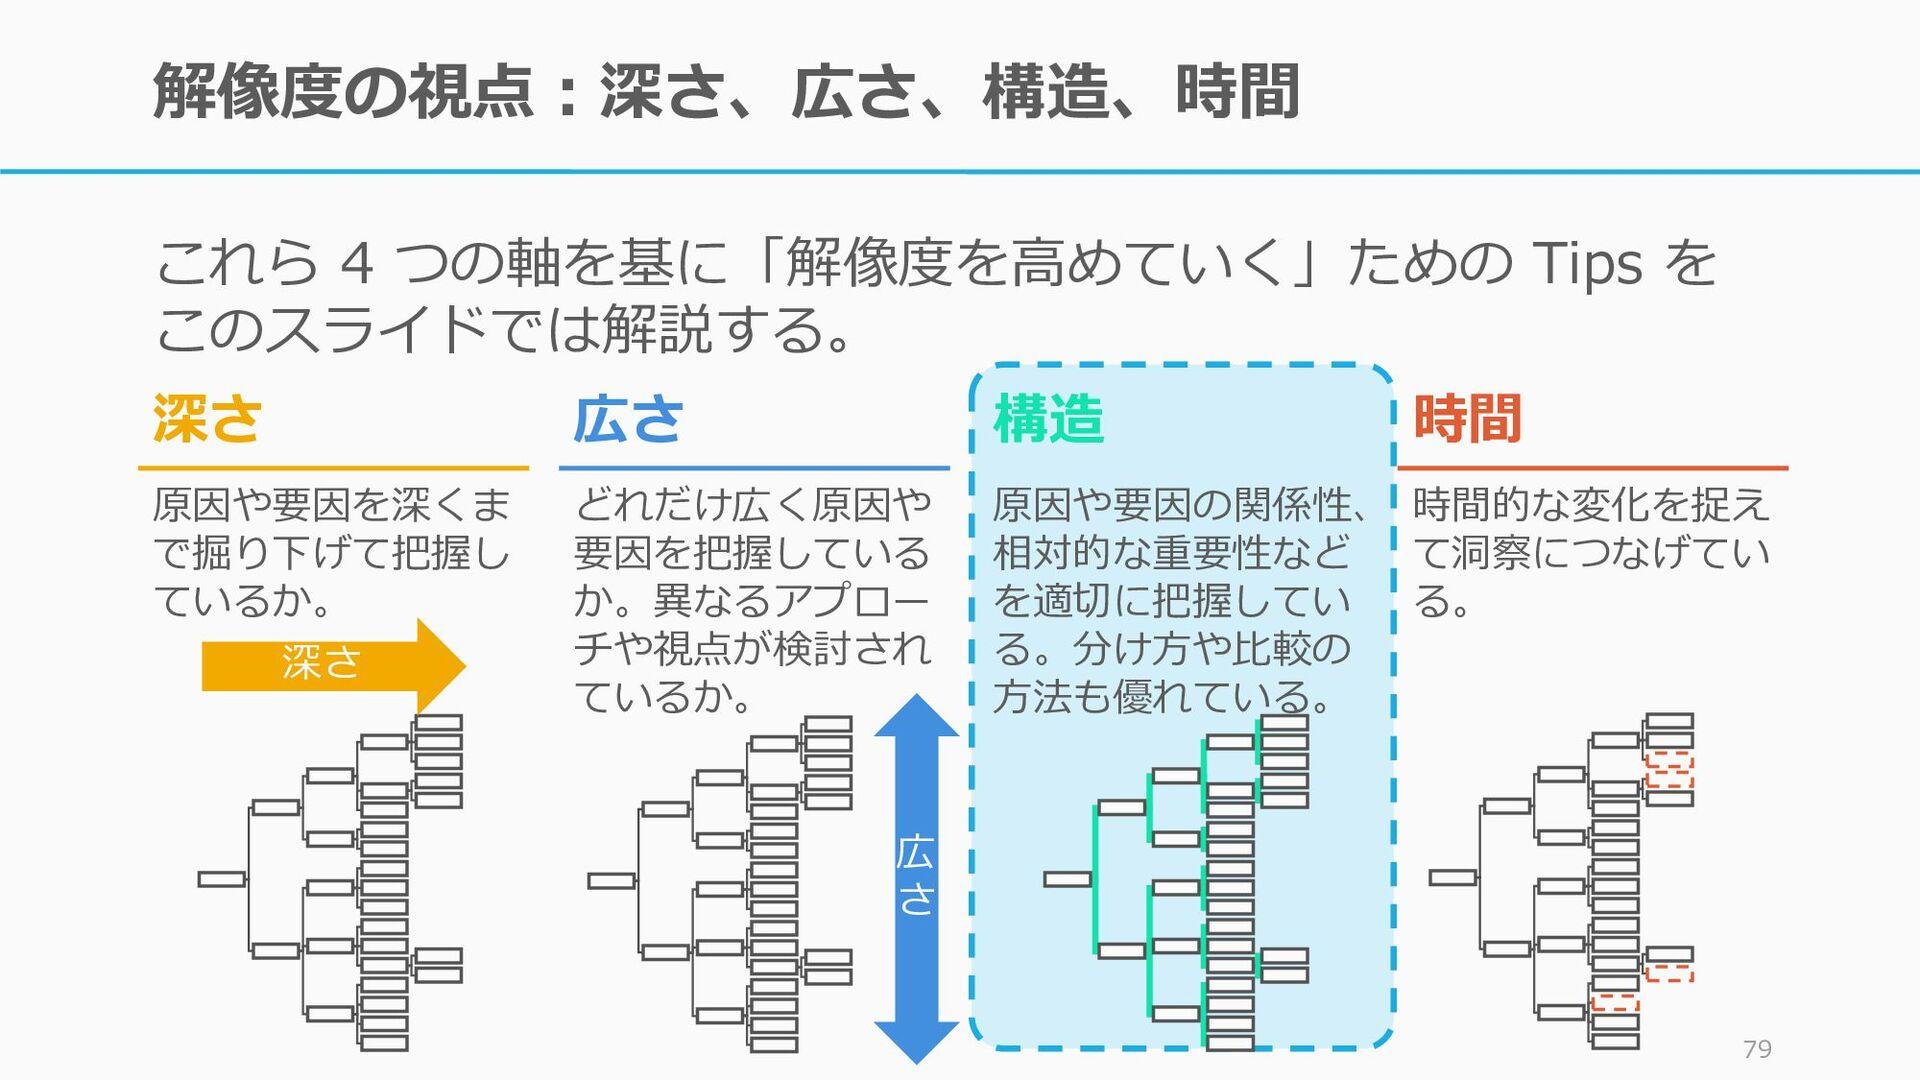 原因分析:コーザリティ分析 (Causal Analysis) たとえば原因と結果のつながりを...